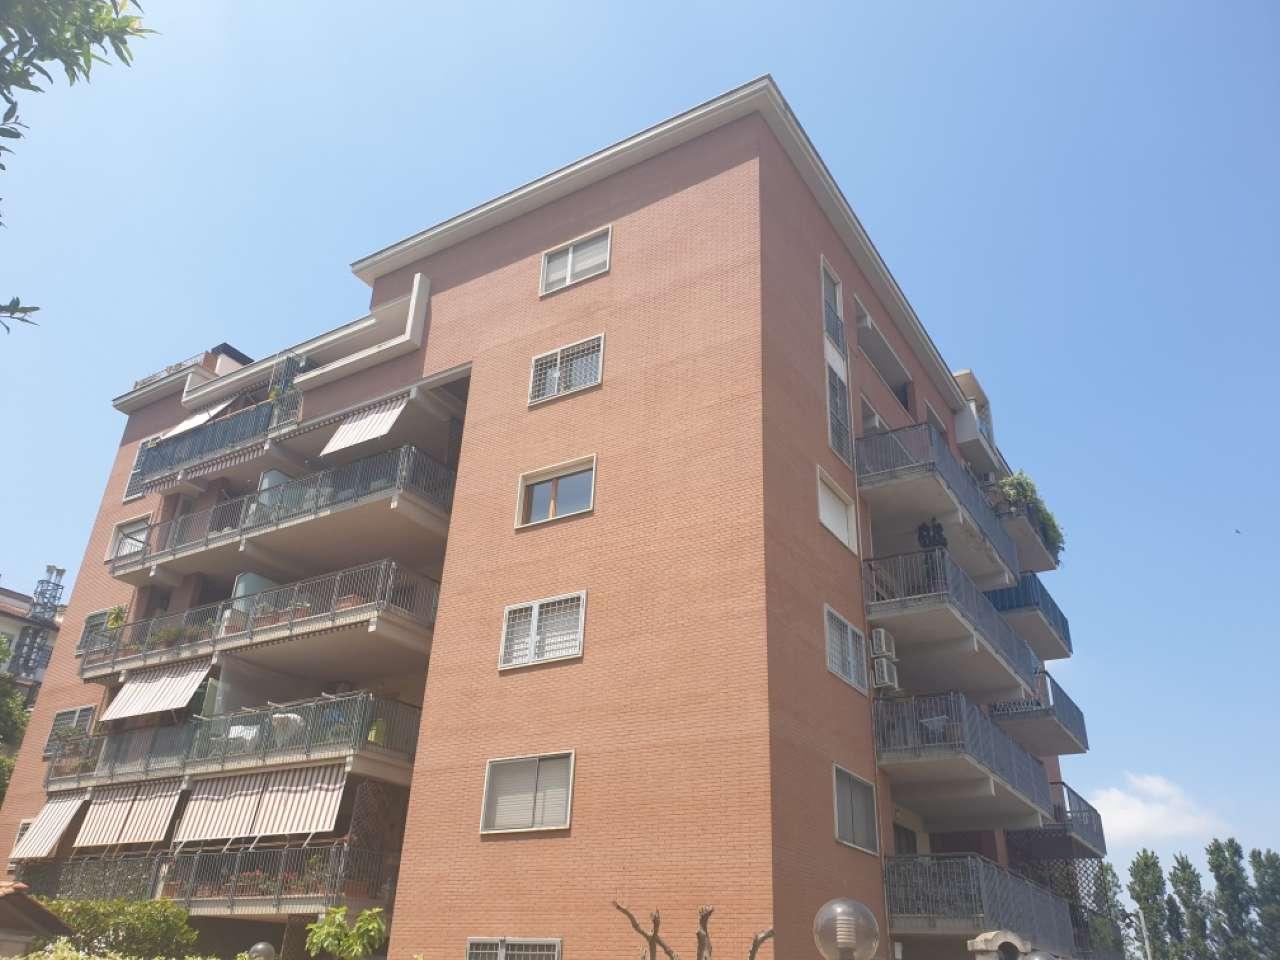 Appartamento in vendita a Roma, 2 locali, zona Zona: 21 . Laurentina, prezzo € 219.000 | CambioCasa.it